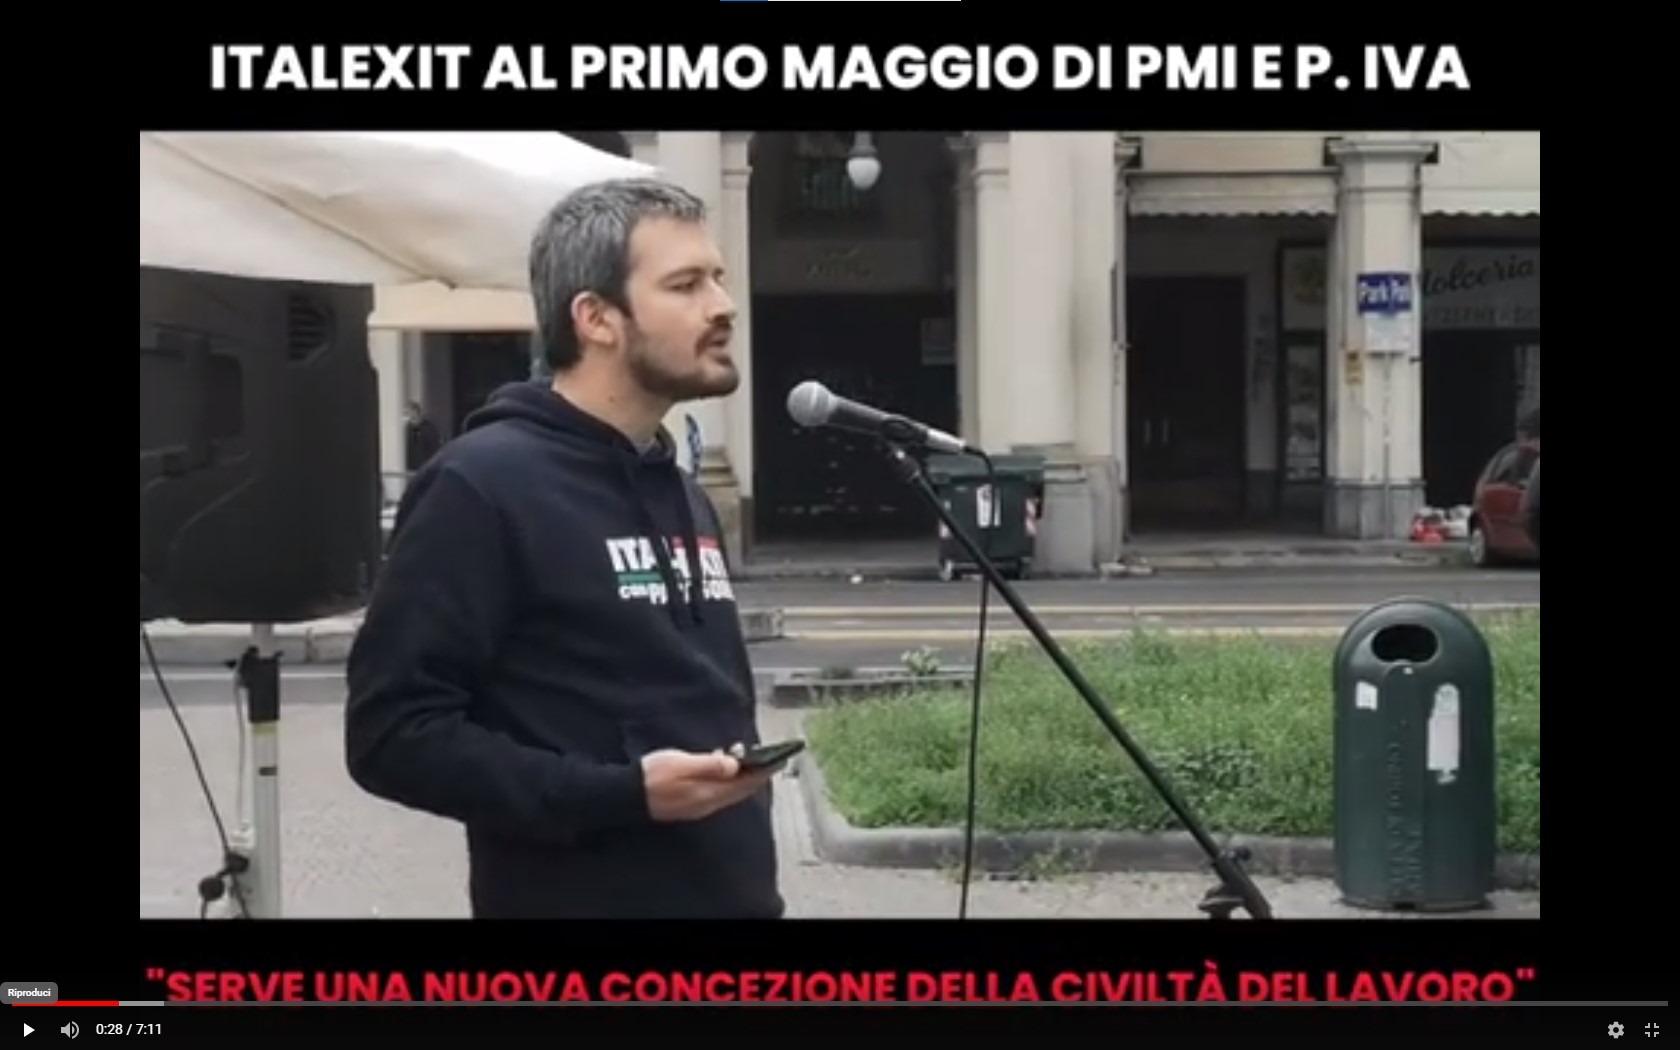 """PRESIDIO DI ITALEXIT NELLA PIAZZA DI SPACCIO IN BARRIERA: """"GLI ABITANTI CHIEDONO RISPETTO DALLE ISTITUZIONI!"""""""